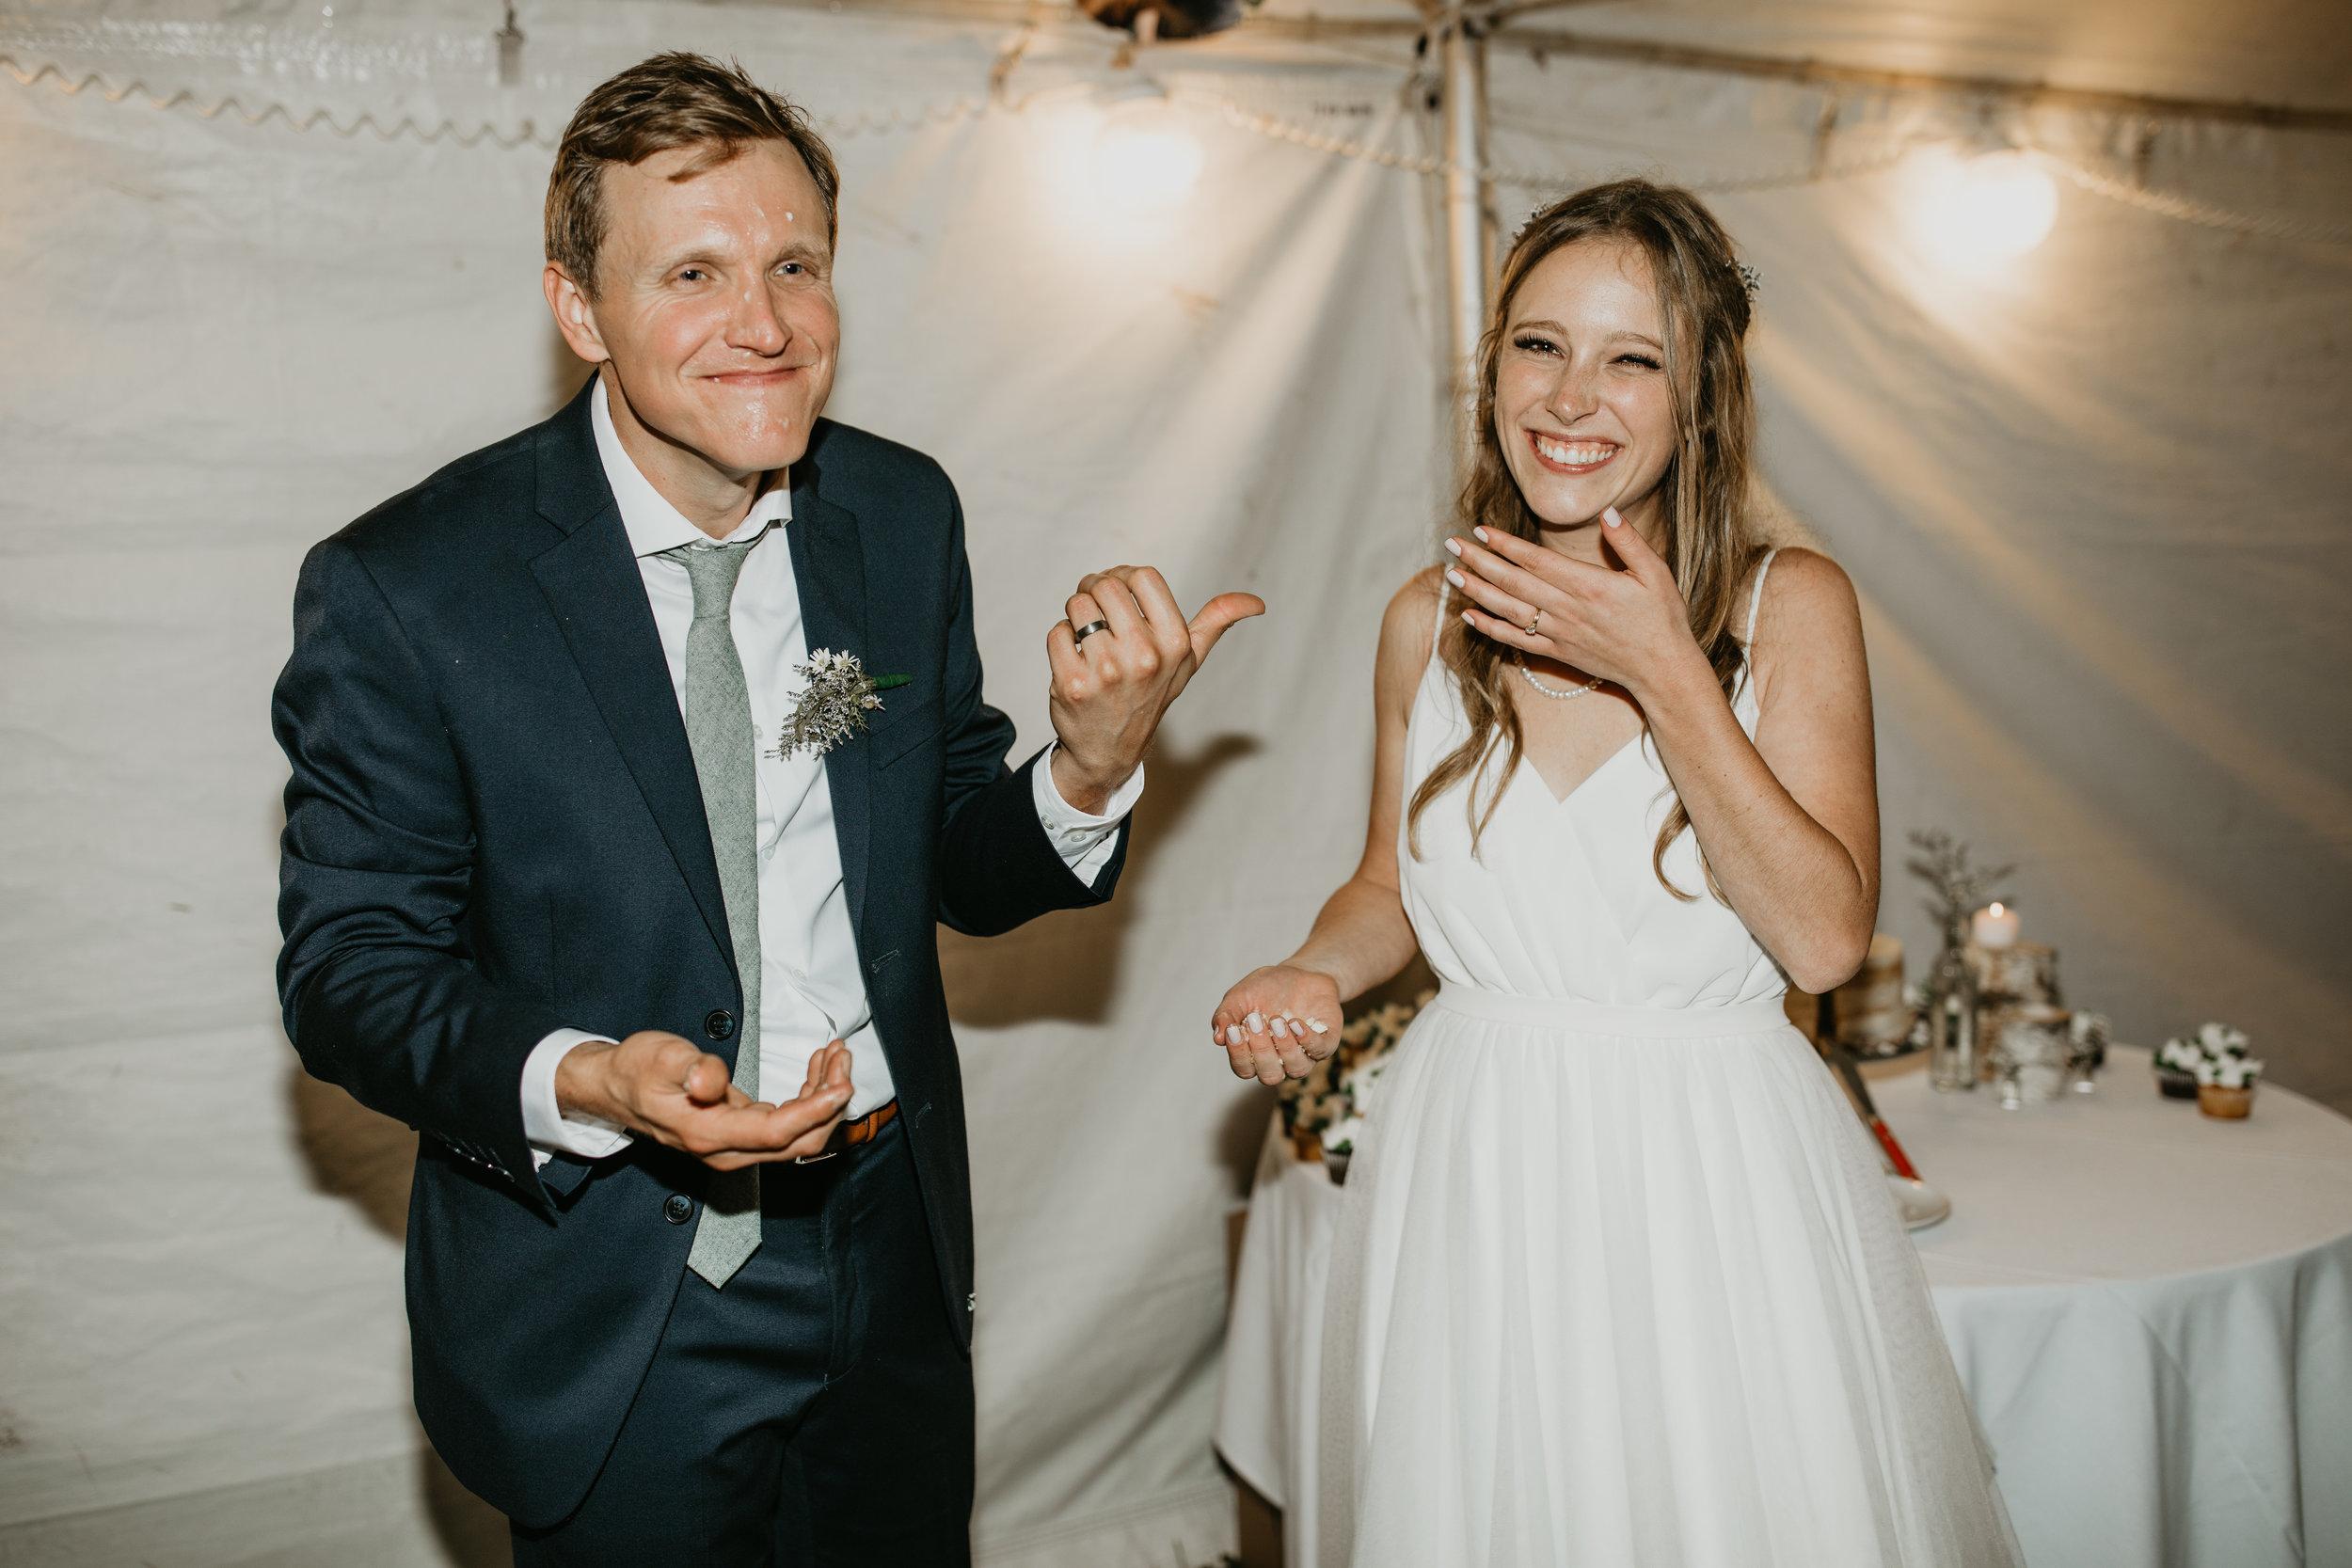 Katie & Daniel Wedding246.jpg